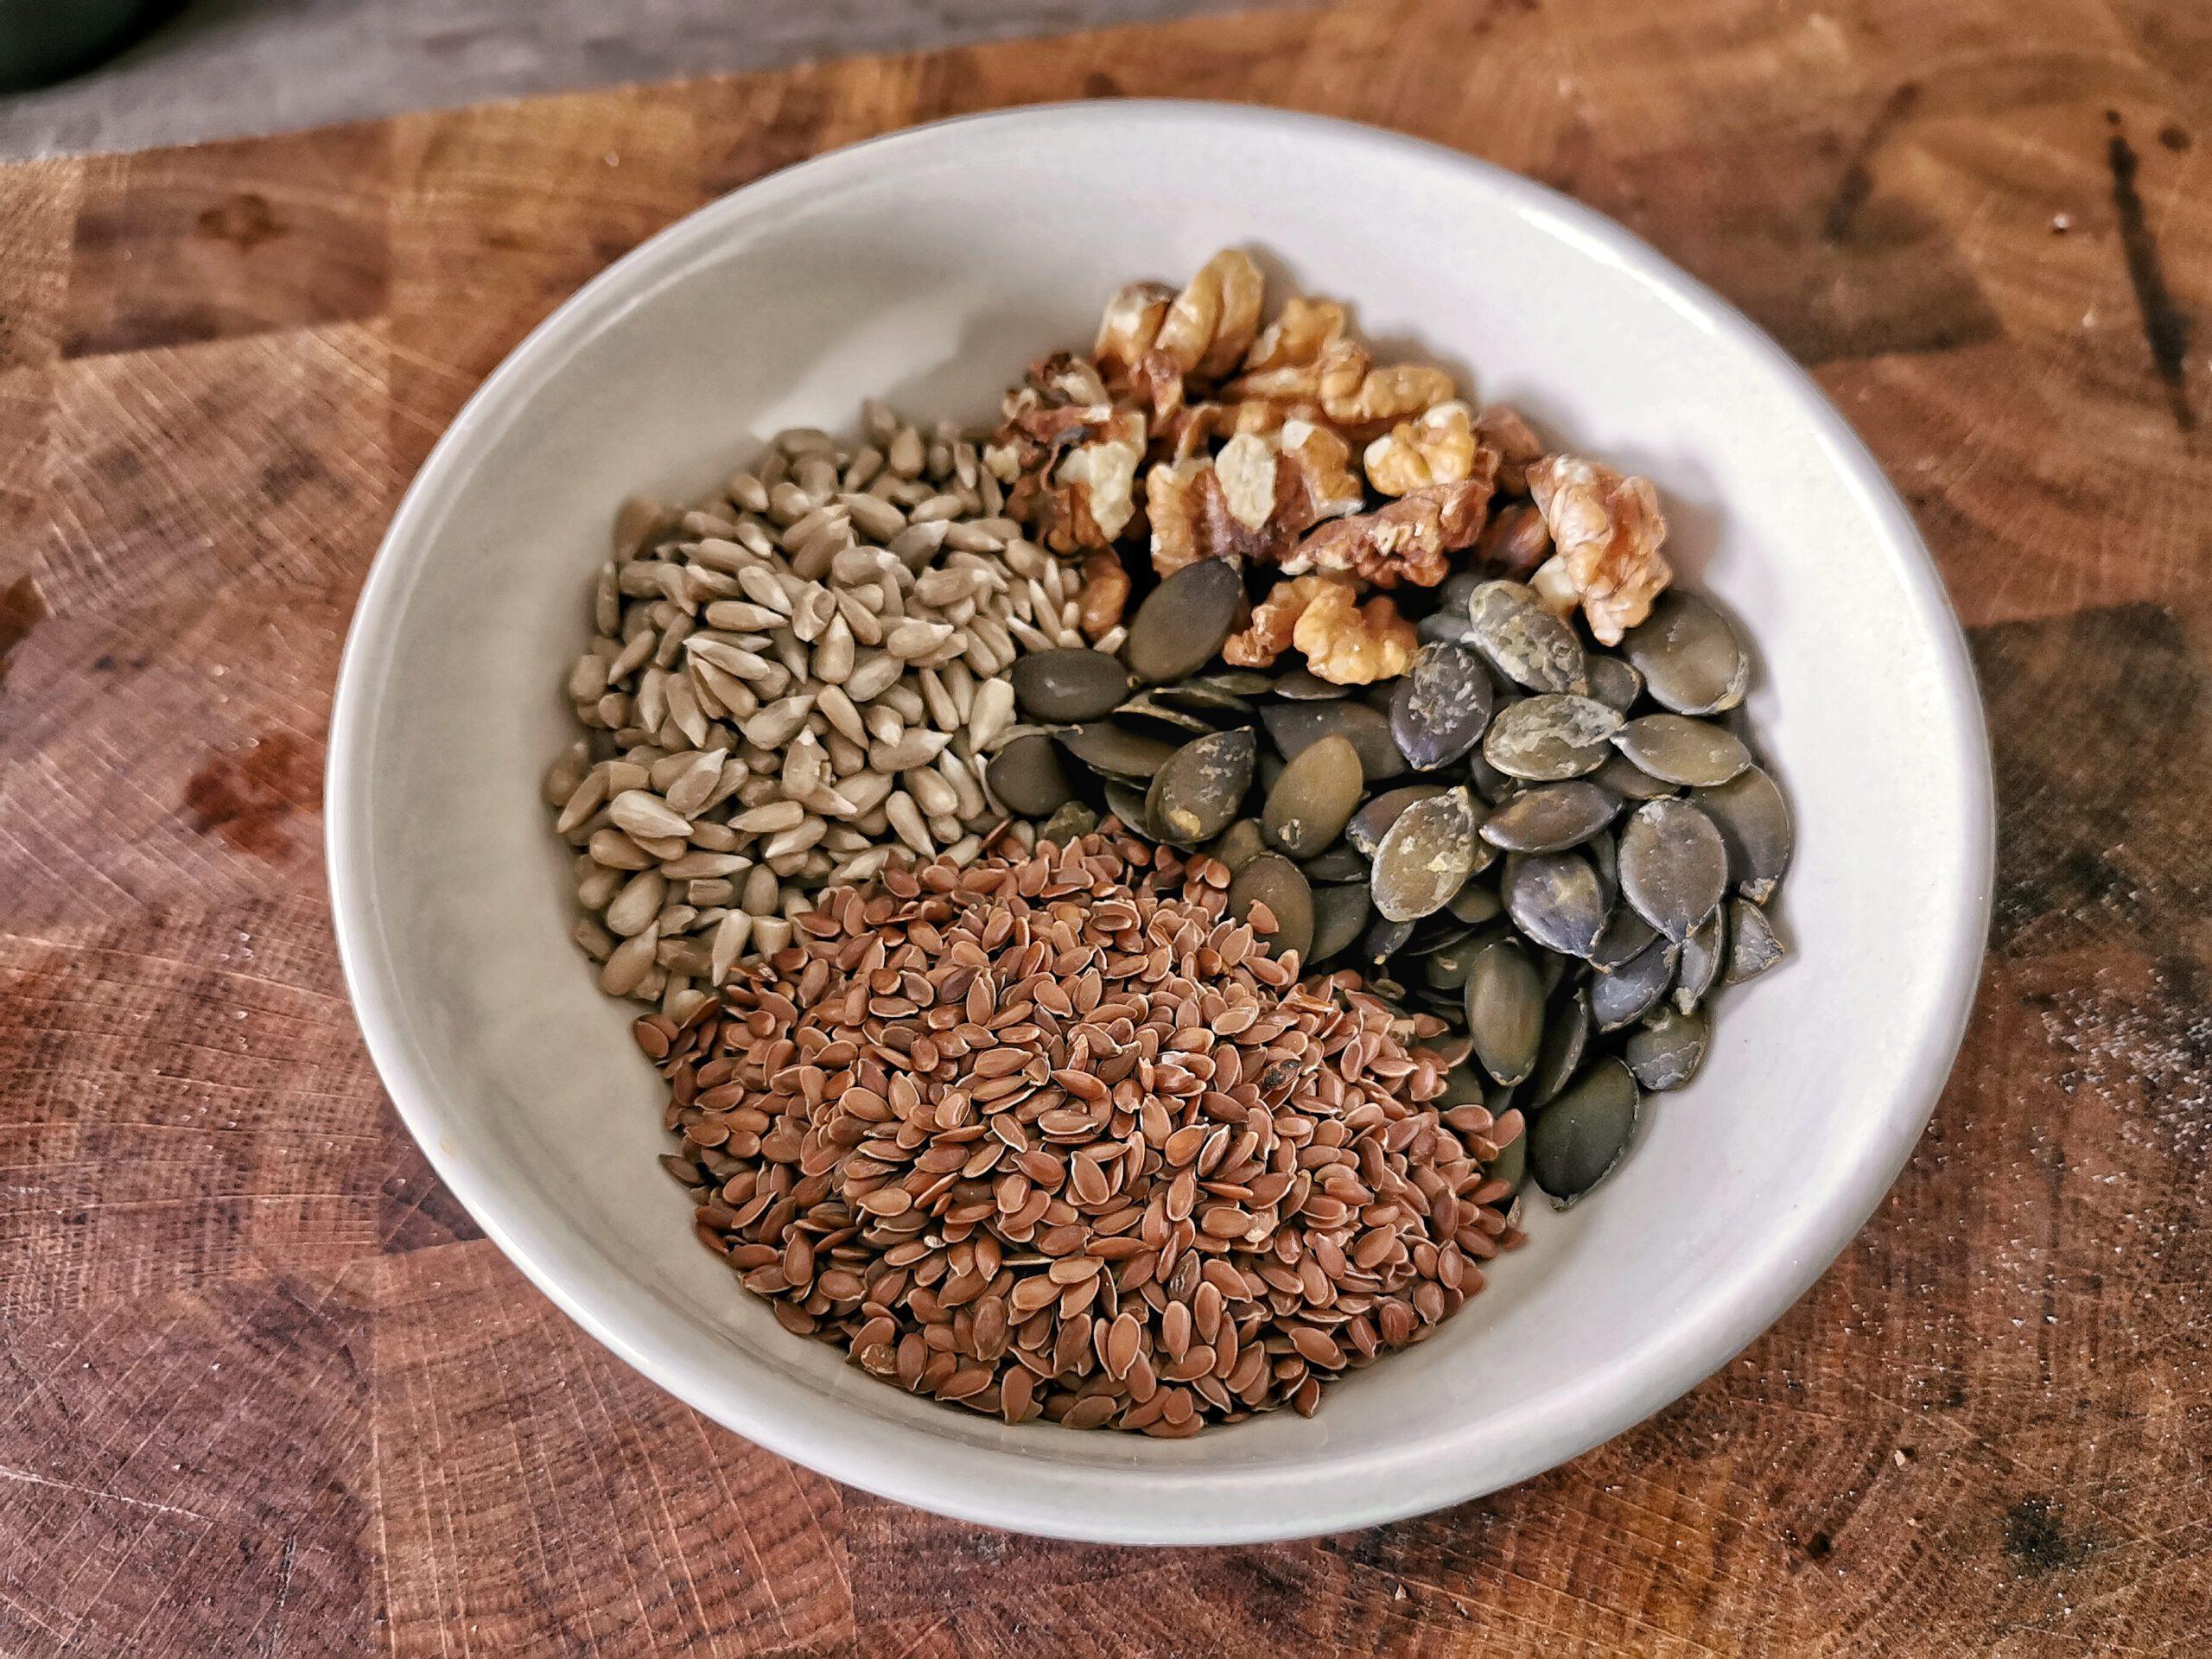 Körner und Saaten bringen als Brühstück Geschmack und Nährstoffe ins Brot